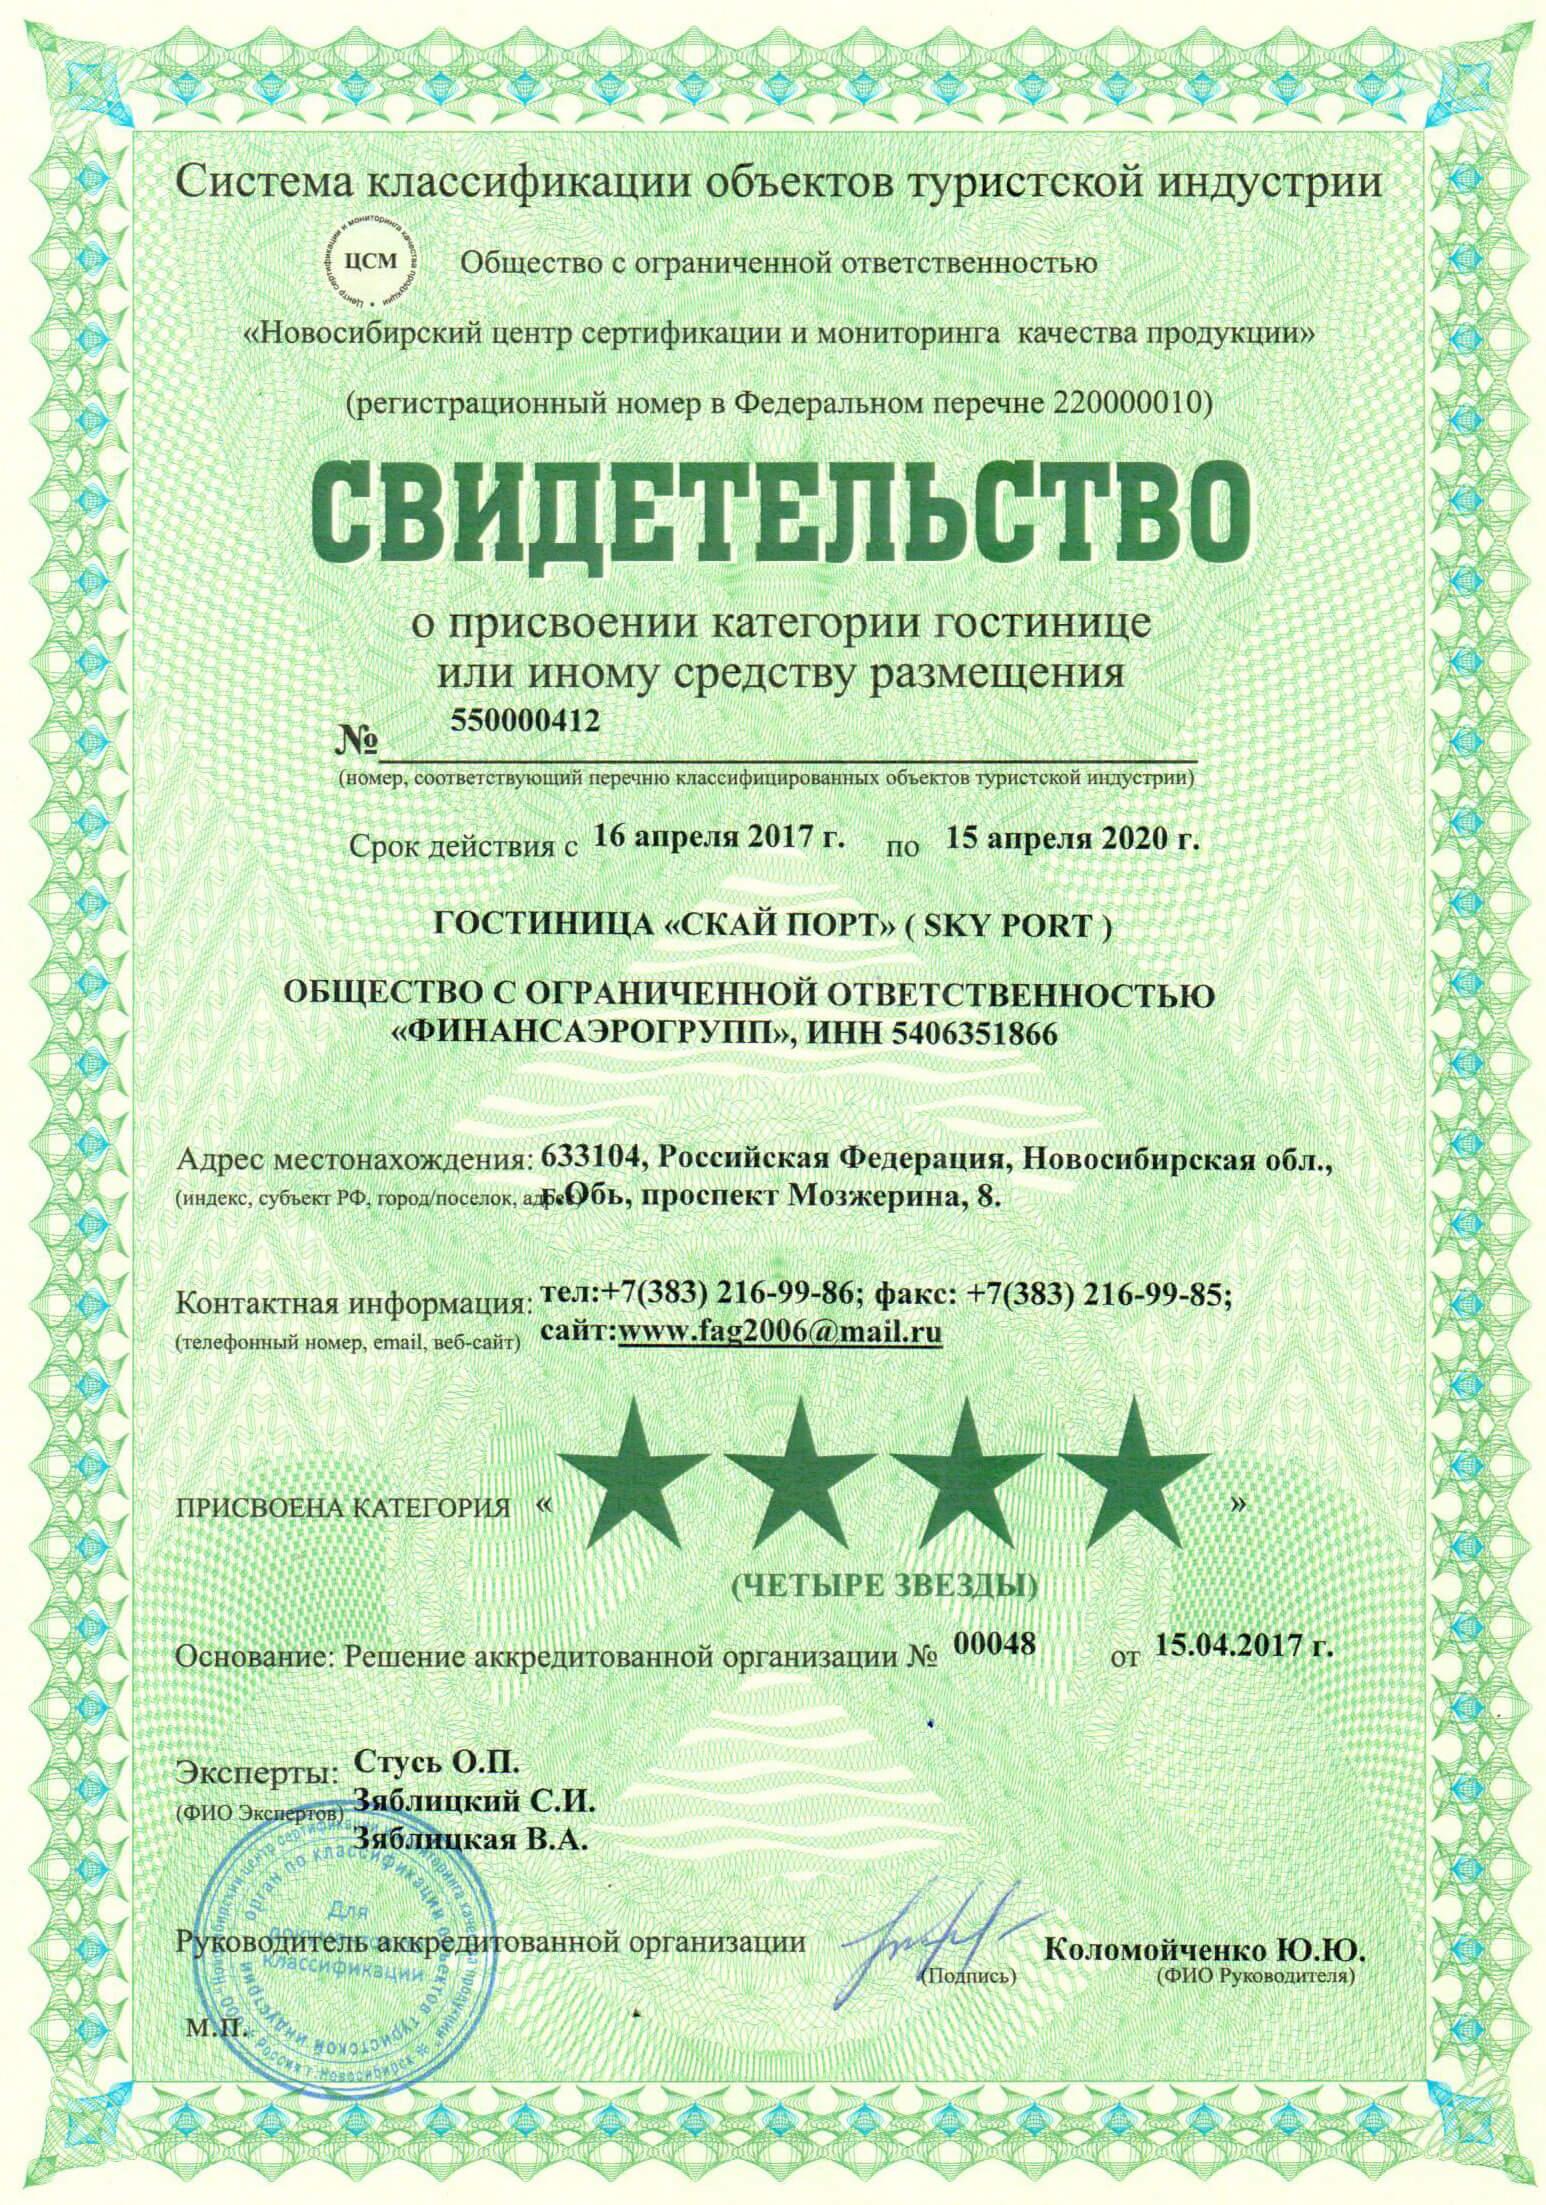 кредит по справке банка россельхозбанк